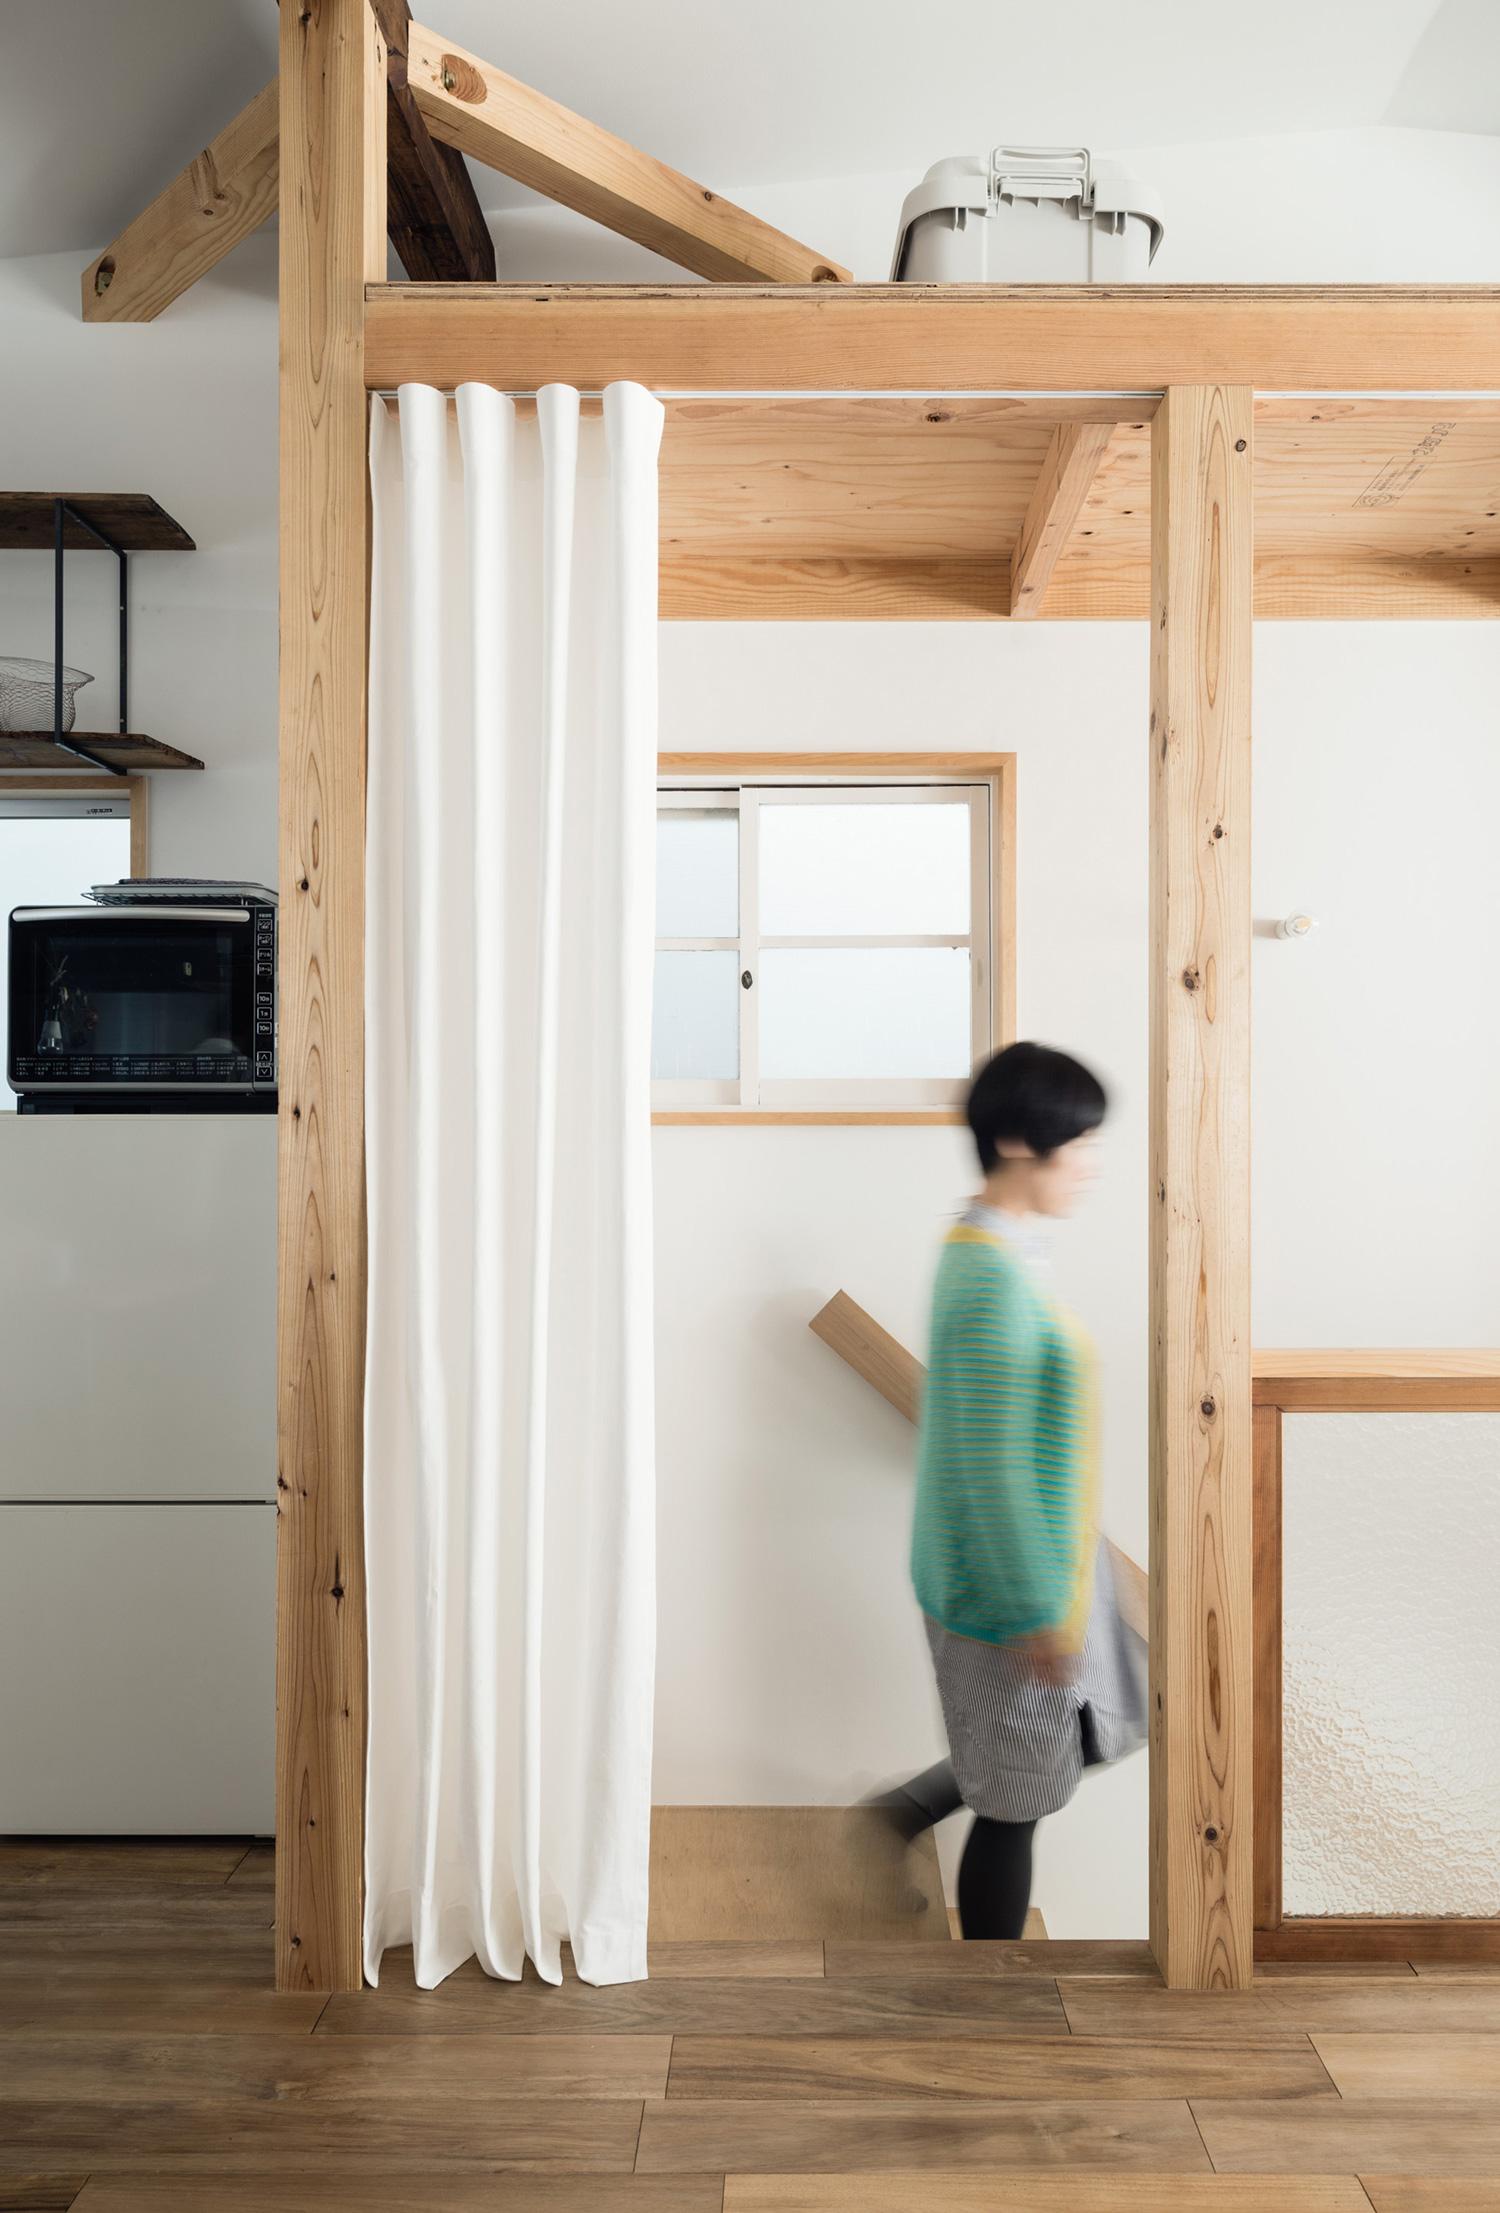 Re-Toyosaki / Coil Kazuteru Matumura Architects (12)